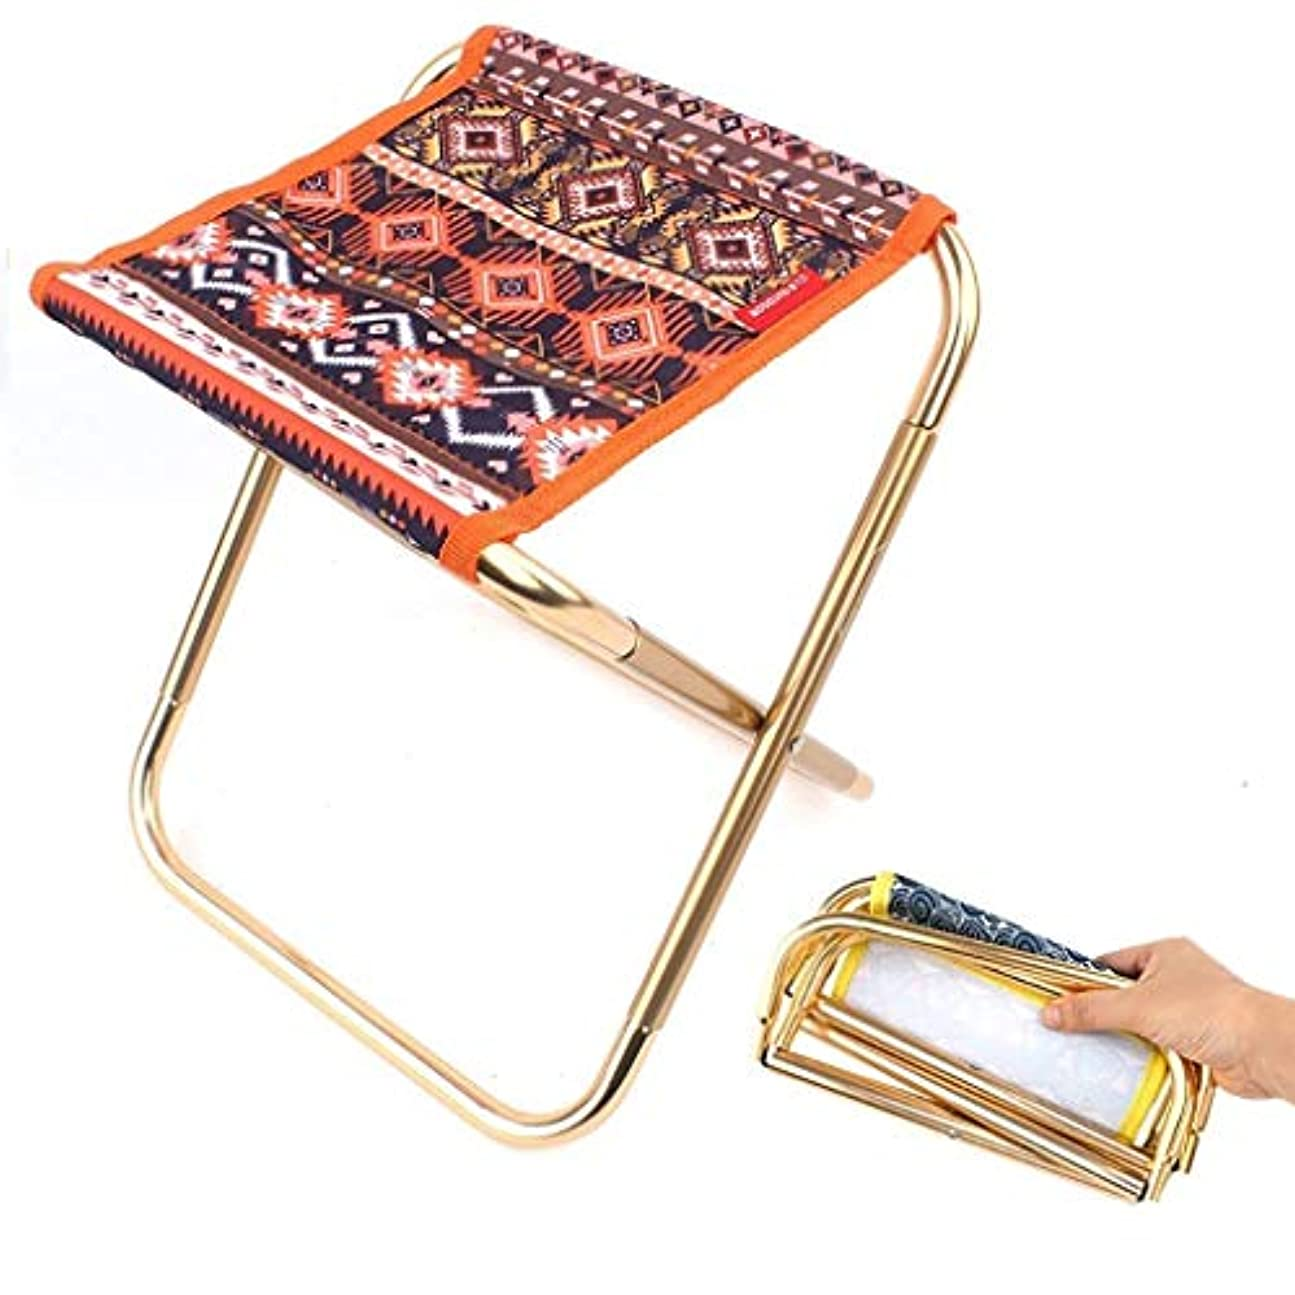 減少周辺くるくるポータブル折りたたみ金属スツール小さな椅子釣りマザール屋外バーベキュー列車鉄ベンチスケッチスツール (色 : 赤)